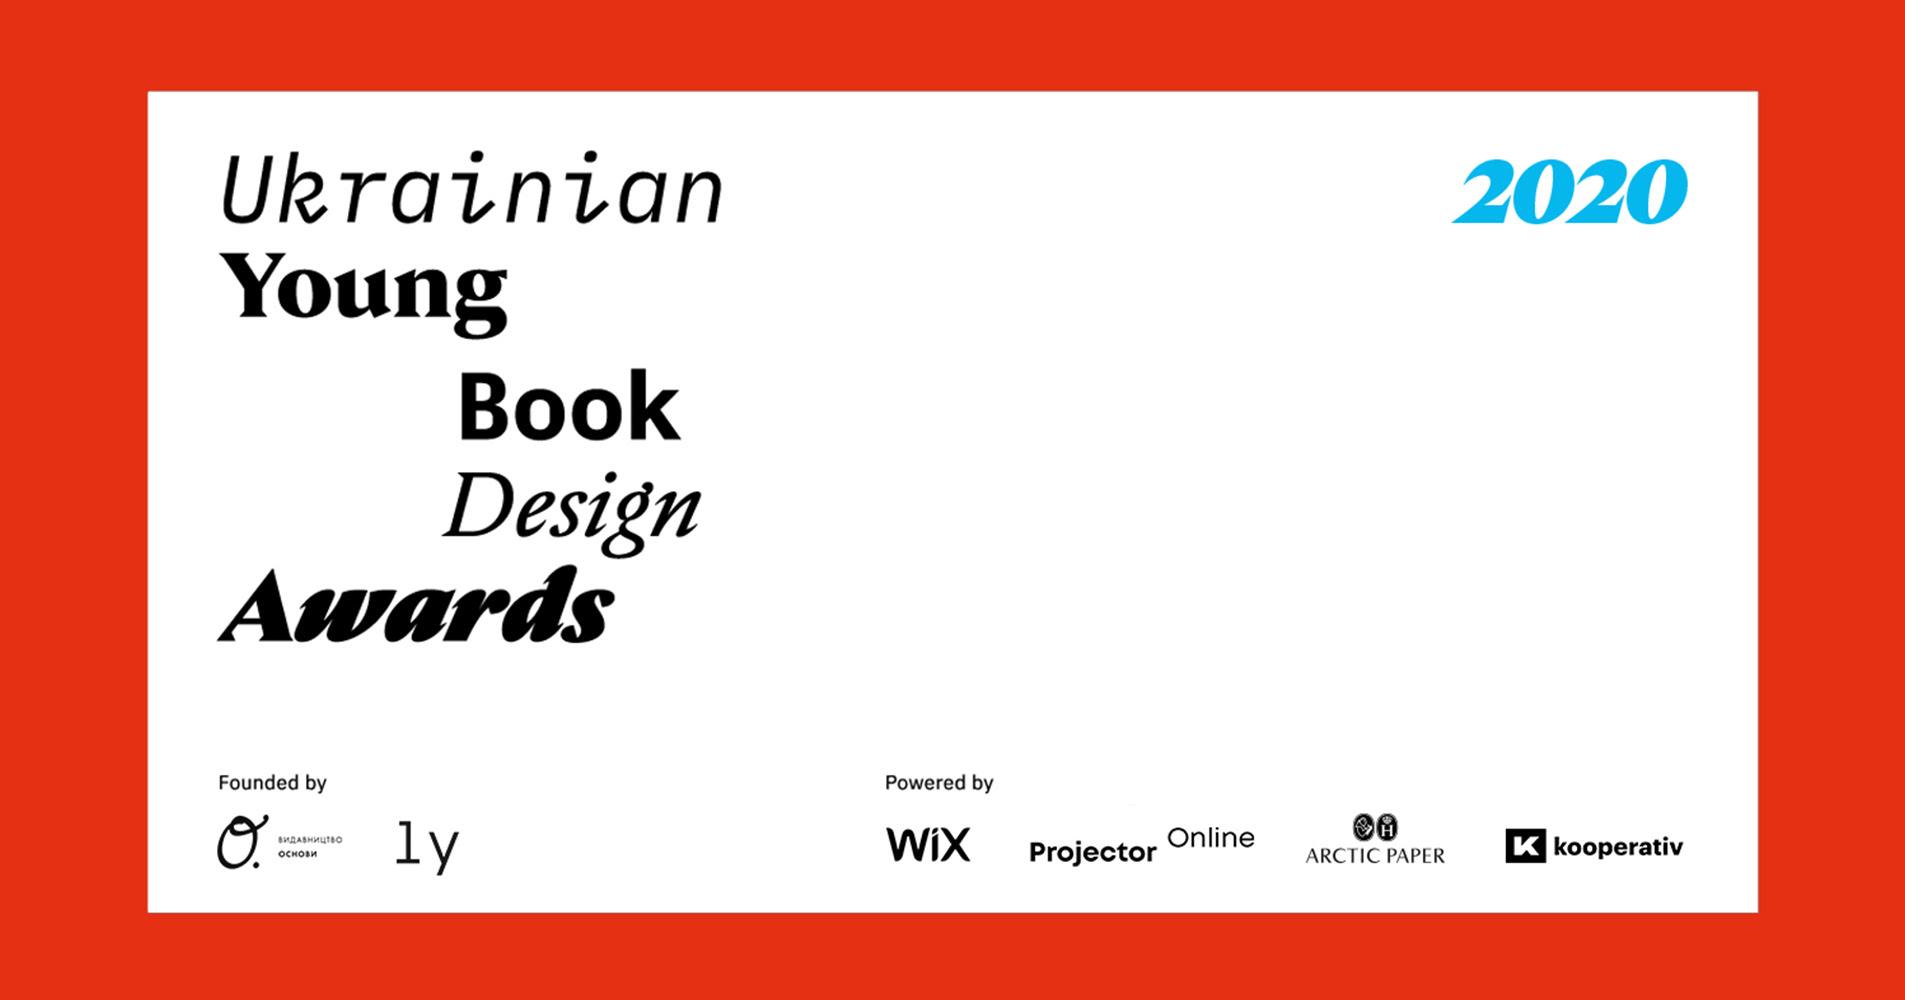 прийом робіт на Ukrainian Young Book Design Awards 2020